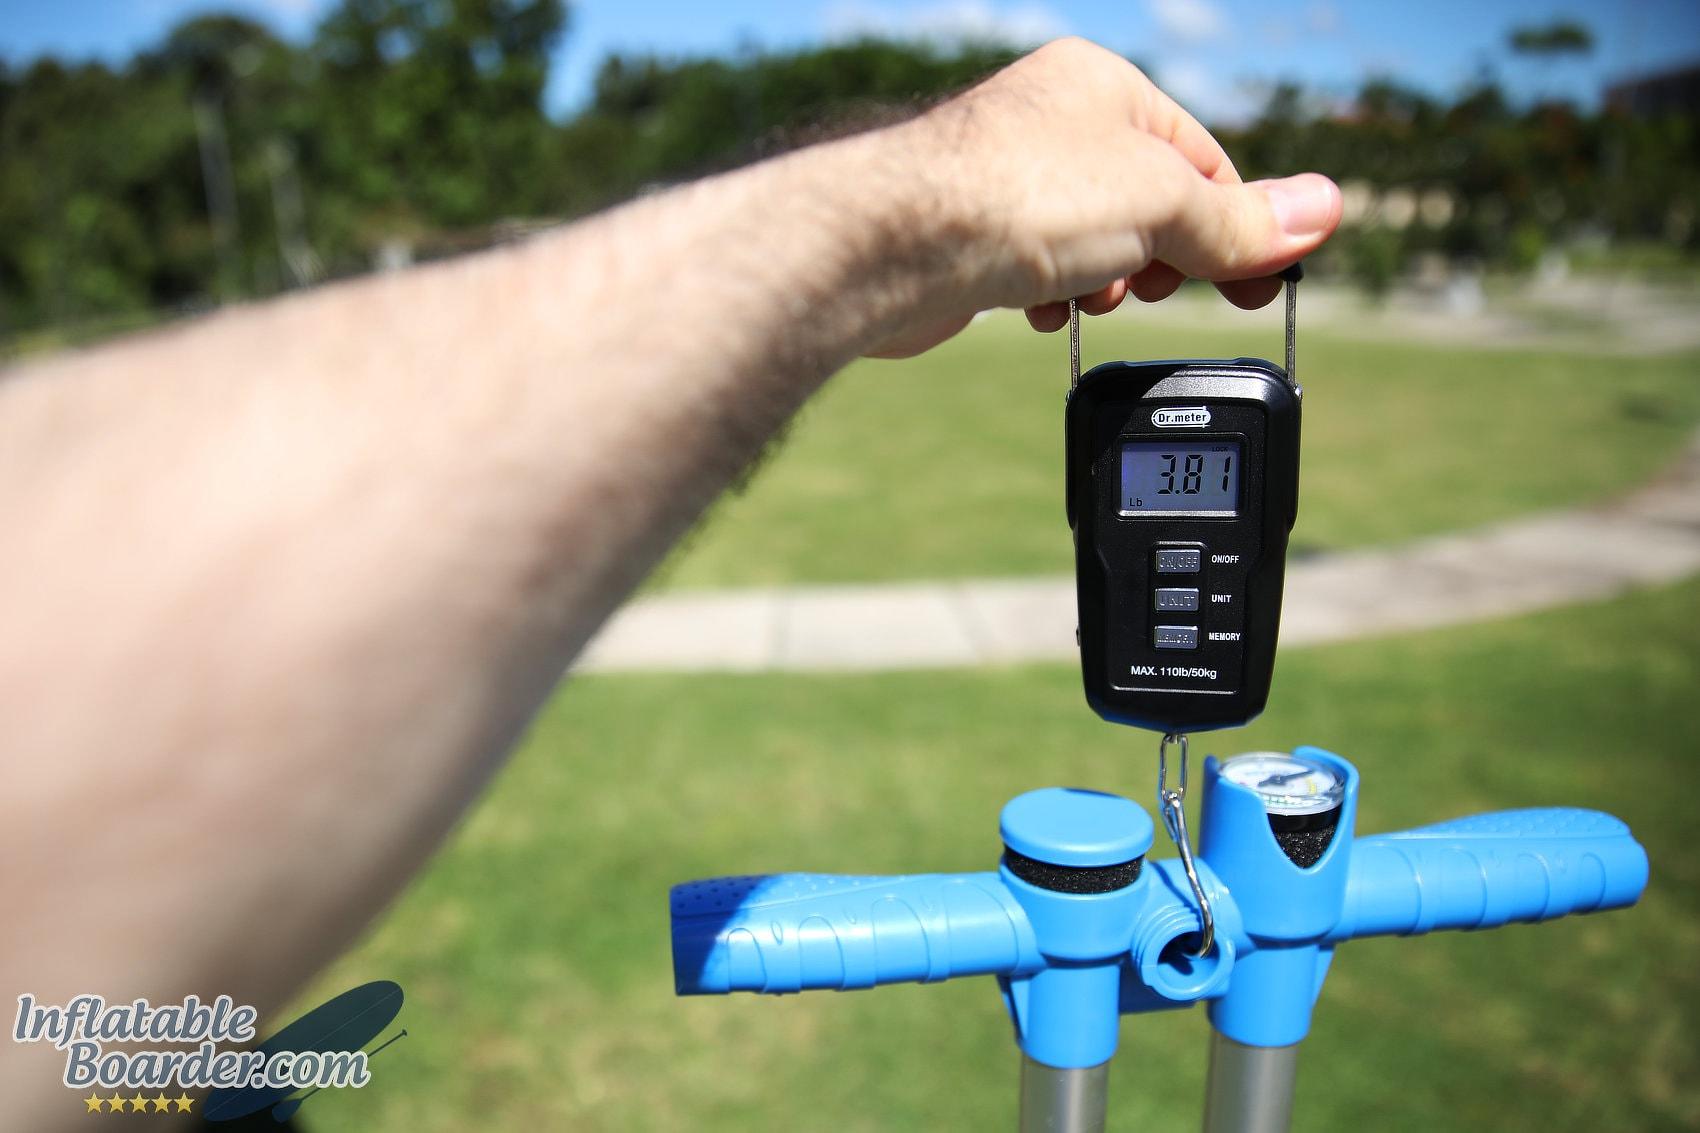 GRI HP6 iSUP Pump Weight